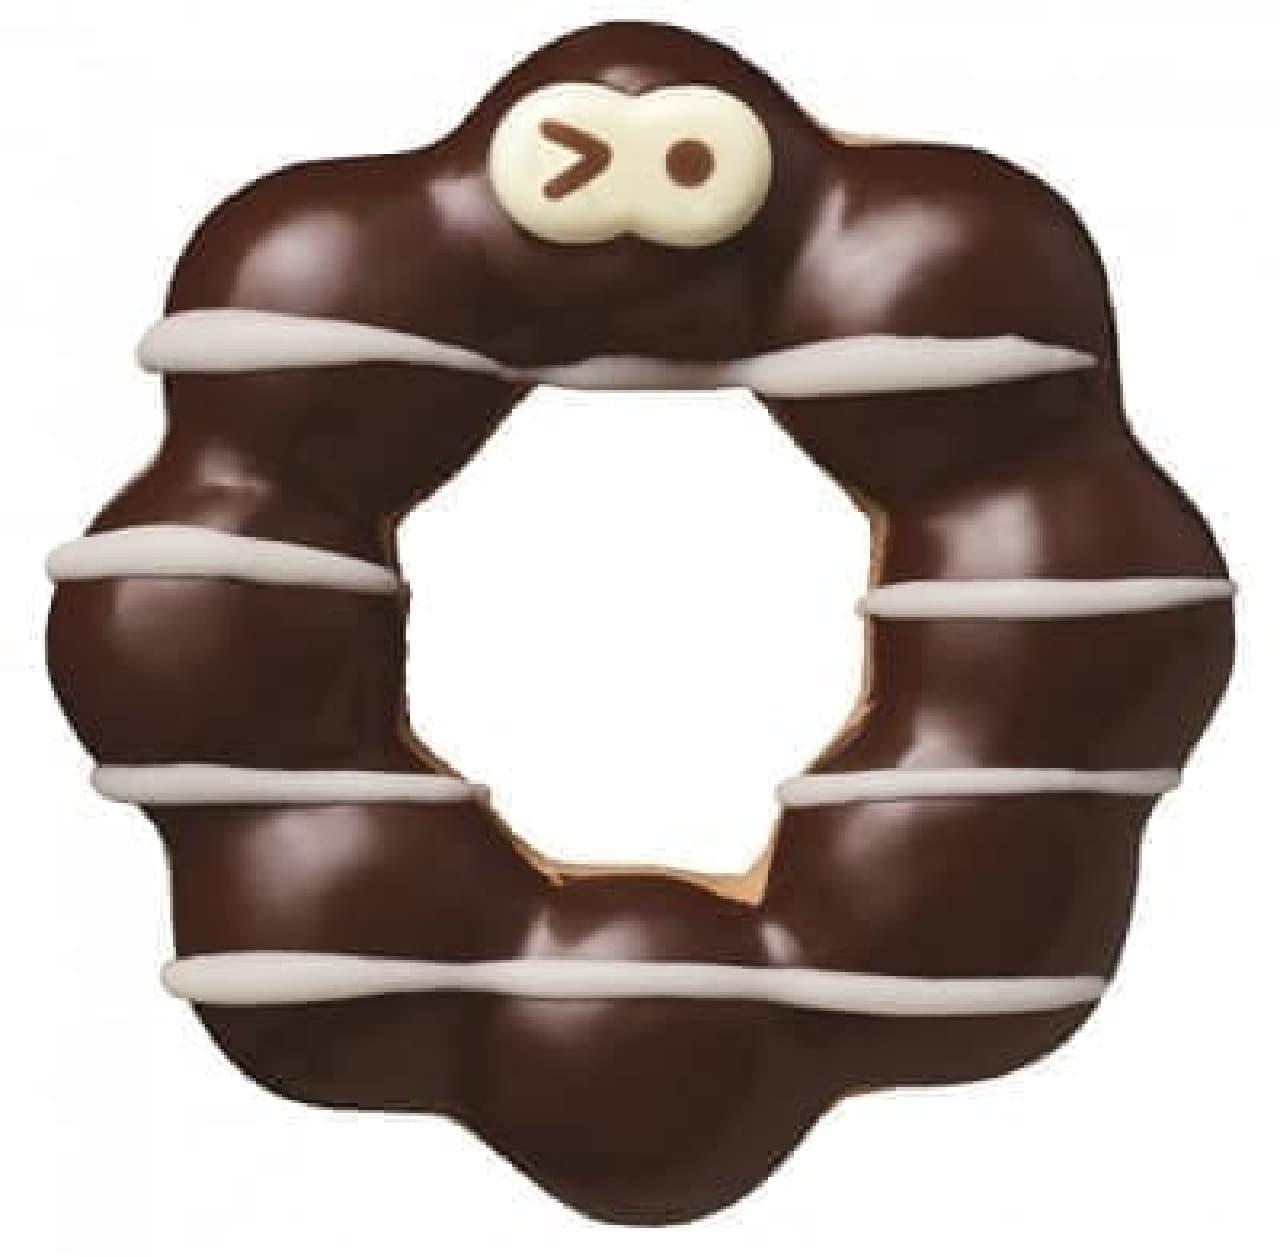 ミスタードーナツ「ミスドハロウィンパーティー」のチョコレート・ミイラマン